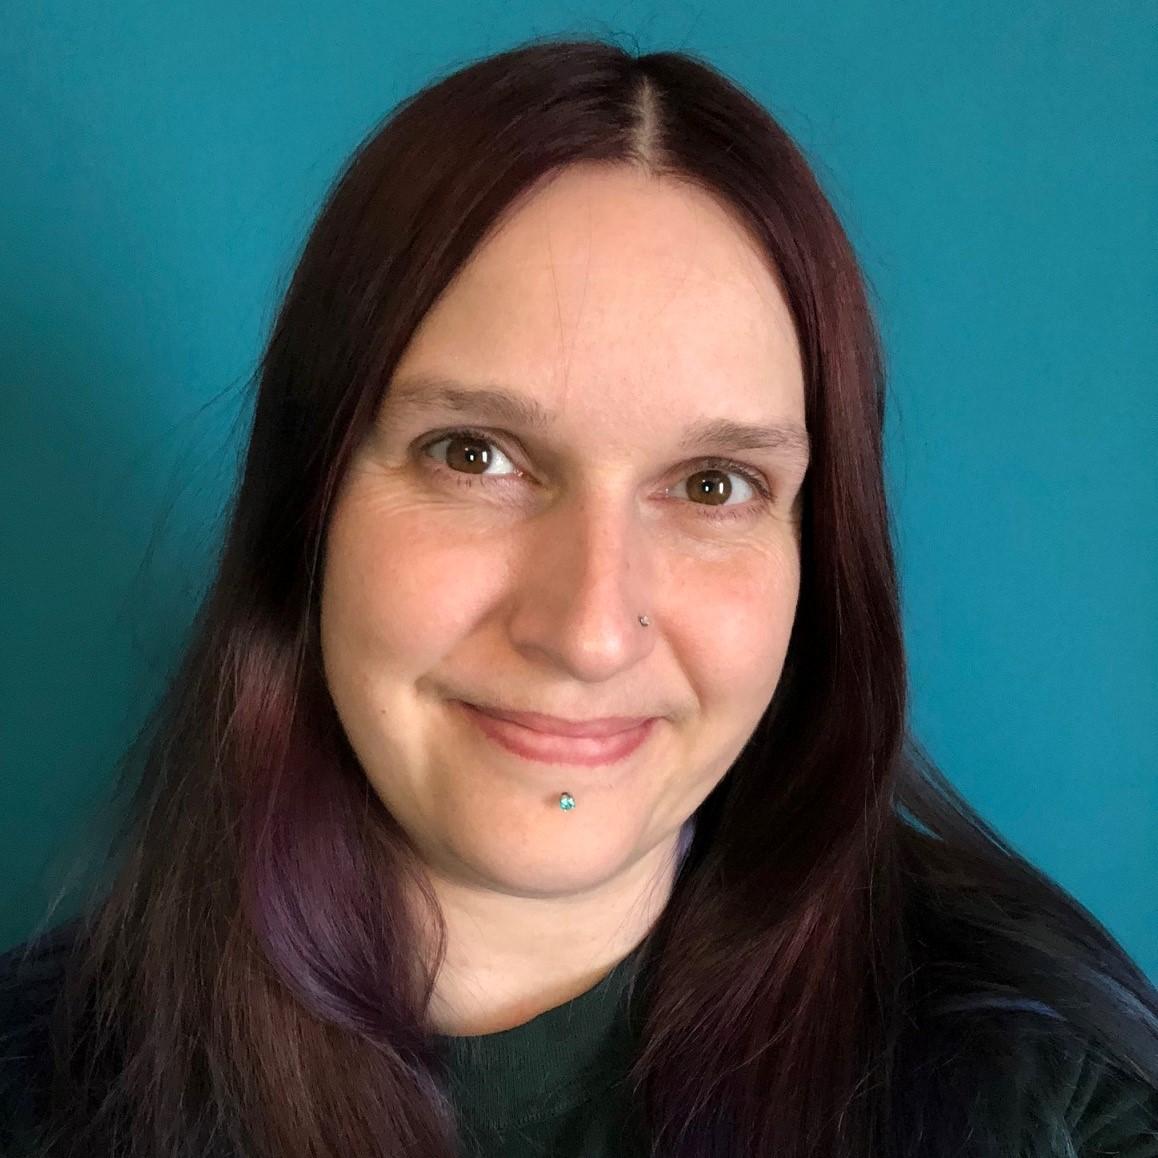 Sarah Zielonka